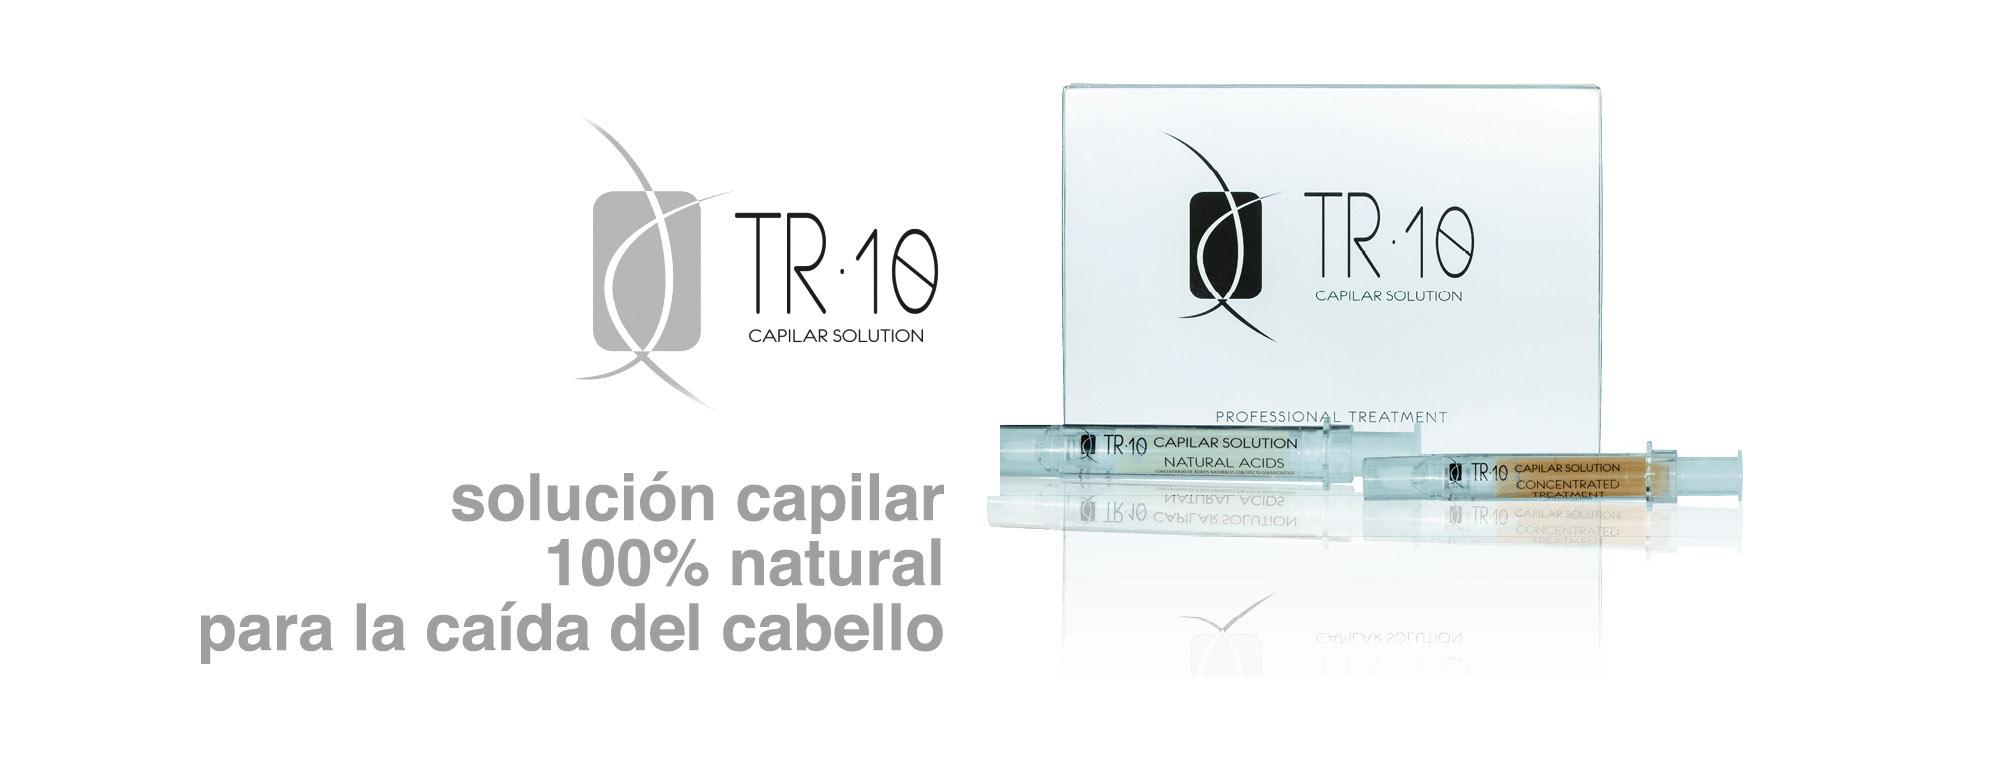 TR.10 Solución capilar contra la caída del cabello